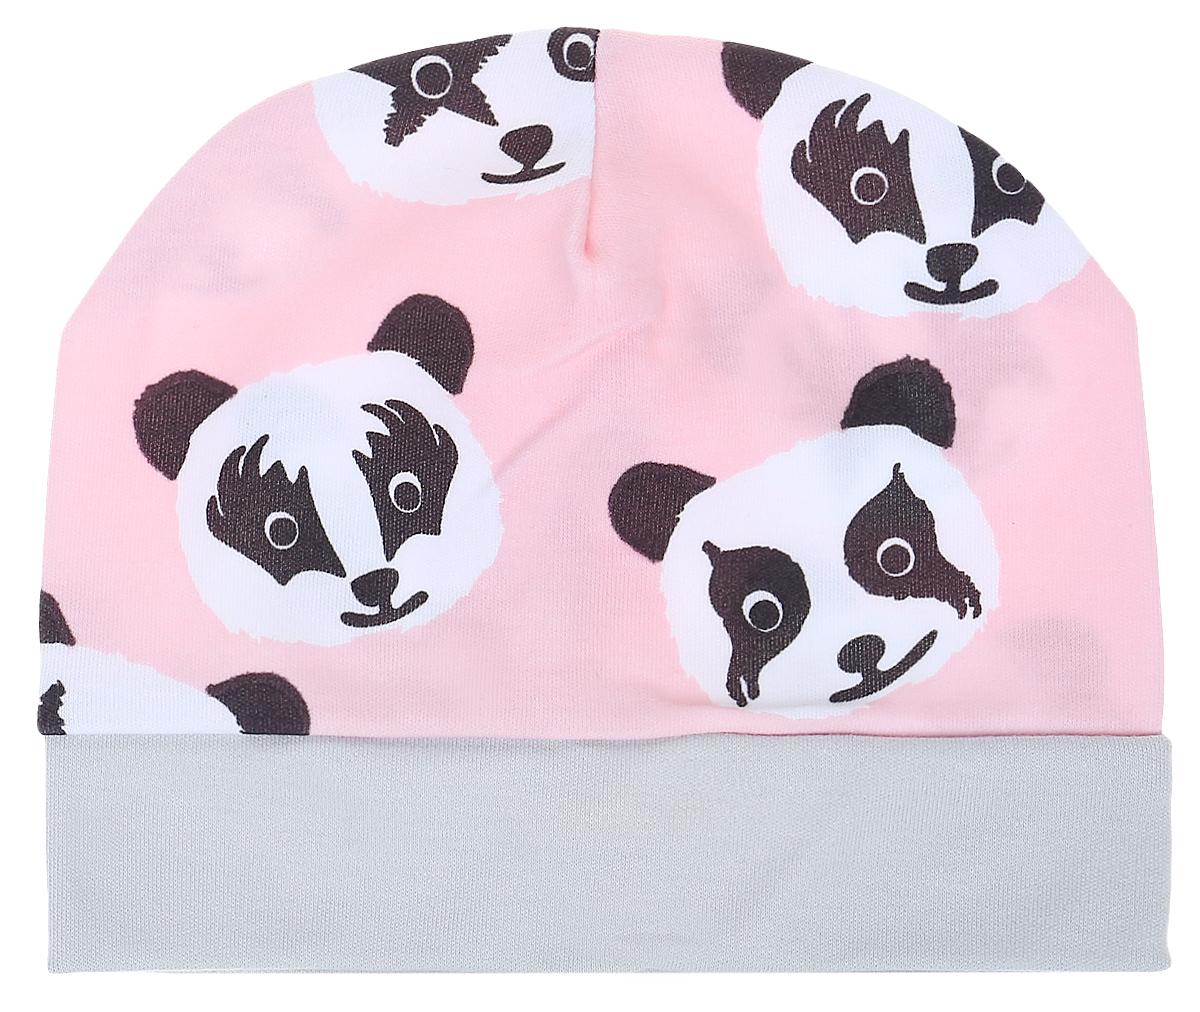 Чепчик детский КотМарКот, цвет: розовый. 8522. Размер 488522Чепчик КотМарКот выполнен из натурального хлопка и оформлен оригинальным принтом с пандами.Модель по низу дополнена широкой резинкой.